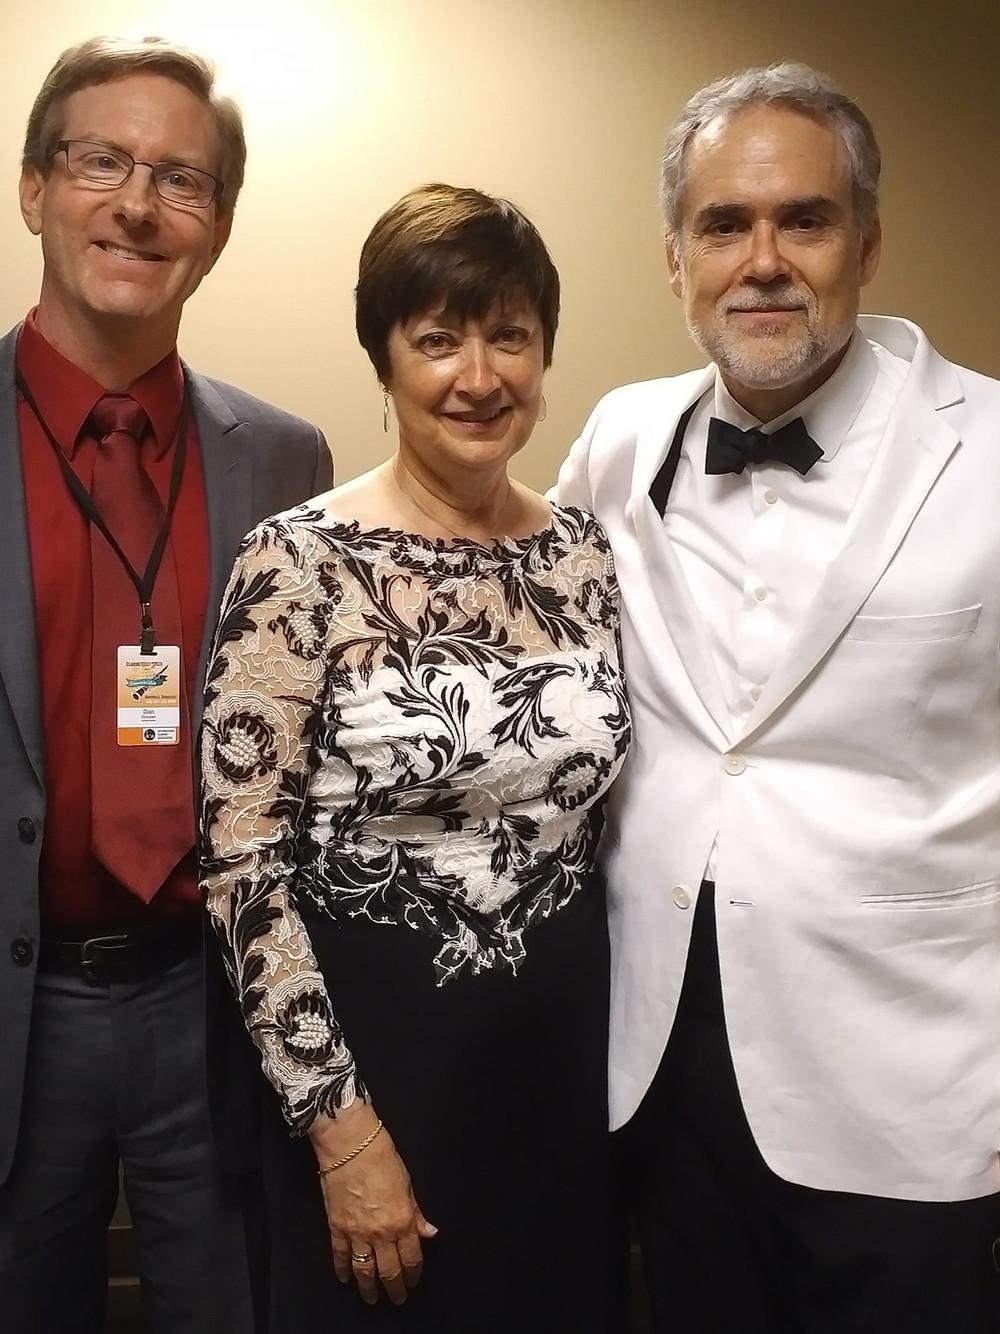 Bill Hudgins and Cathy Hudgins